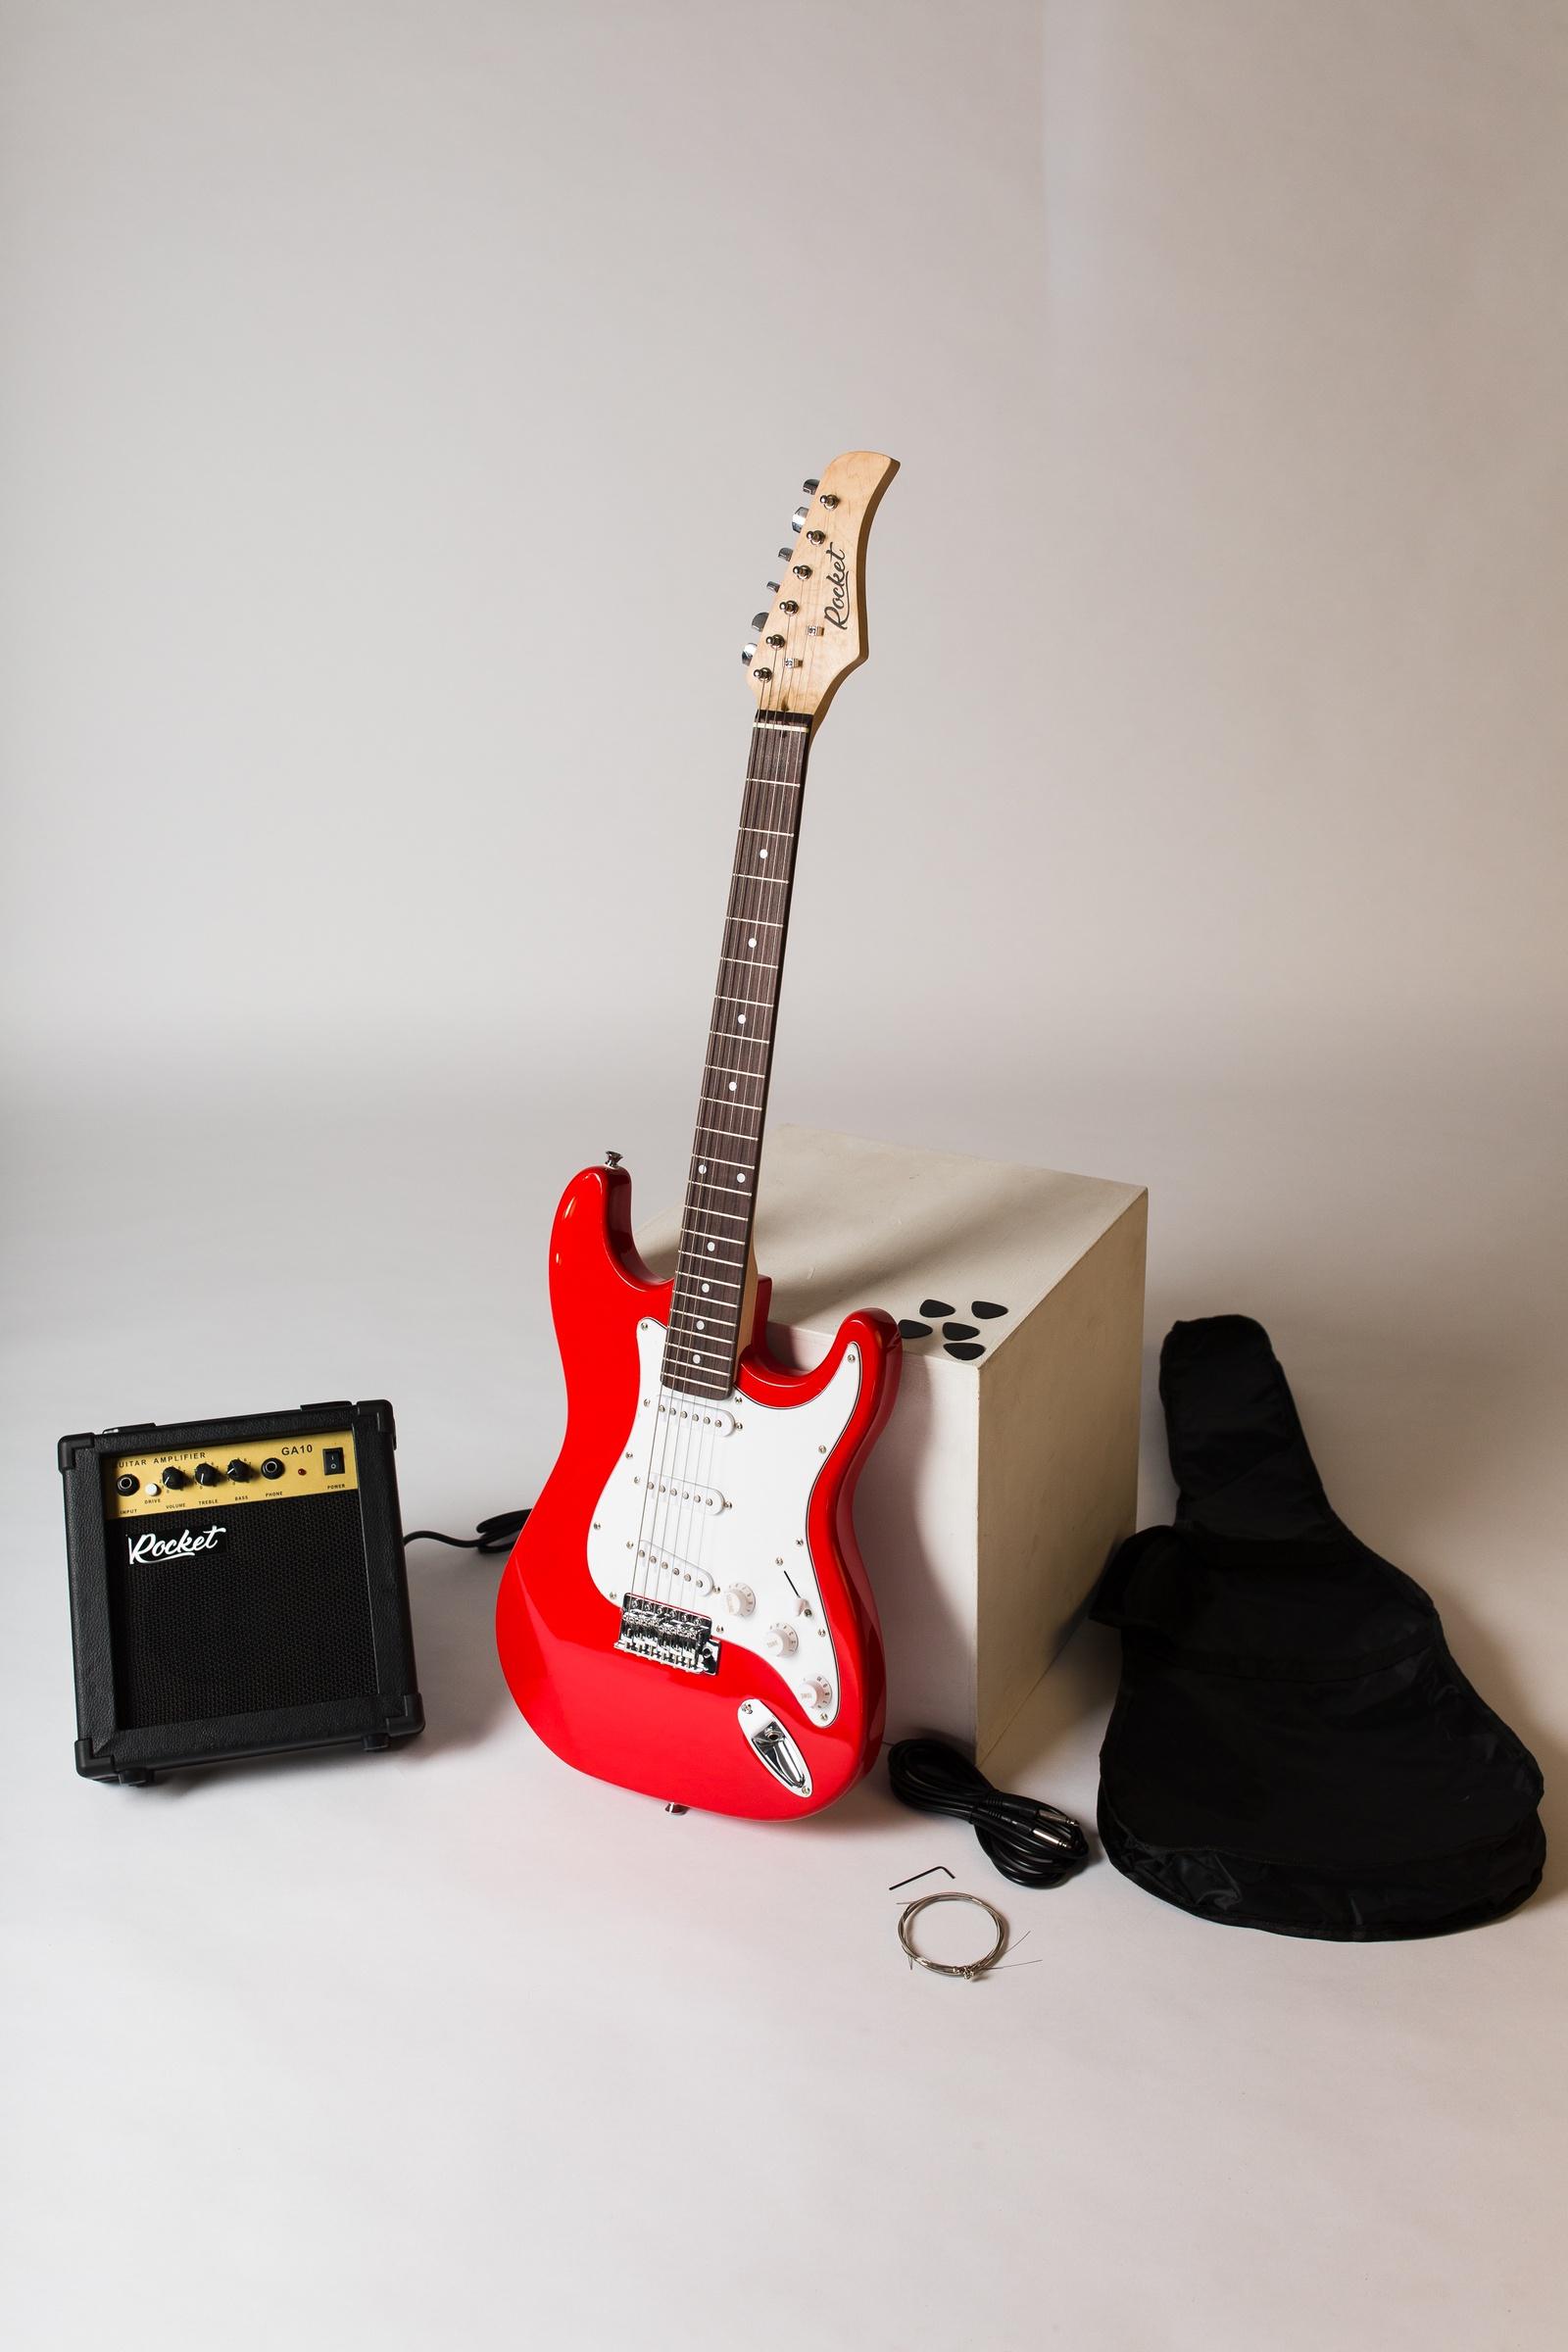 Электрогитара RockEt для начинающих с комбиком и аксессуарами, красный